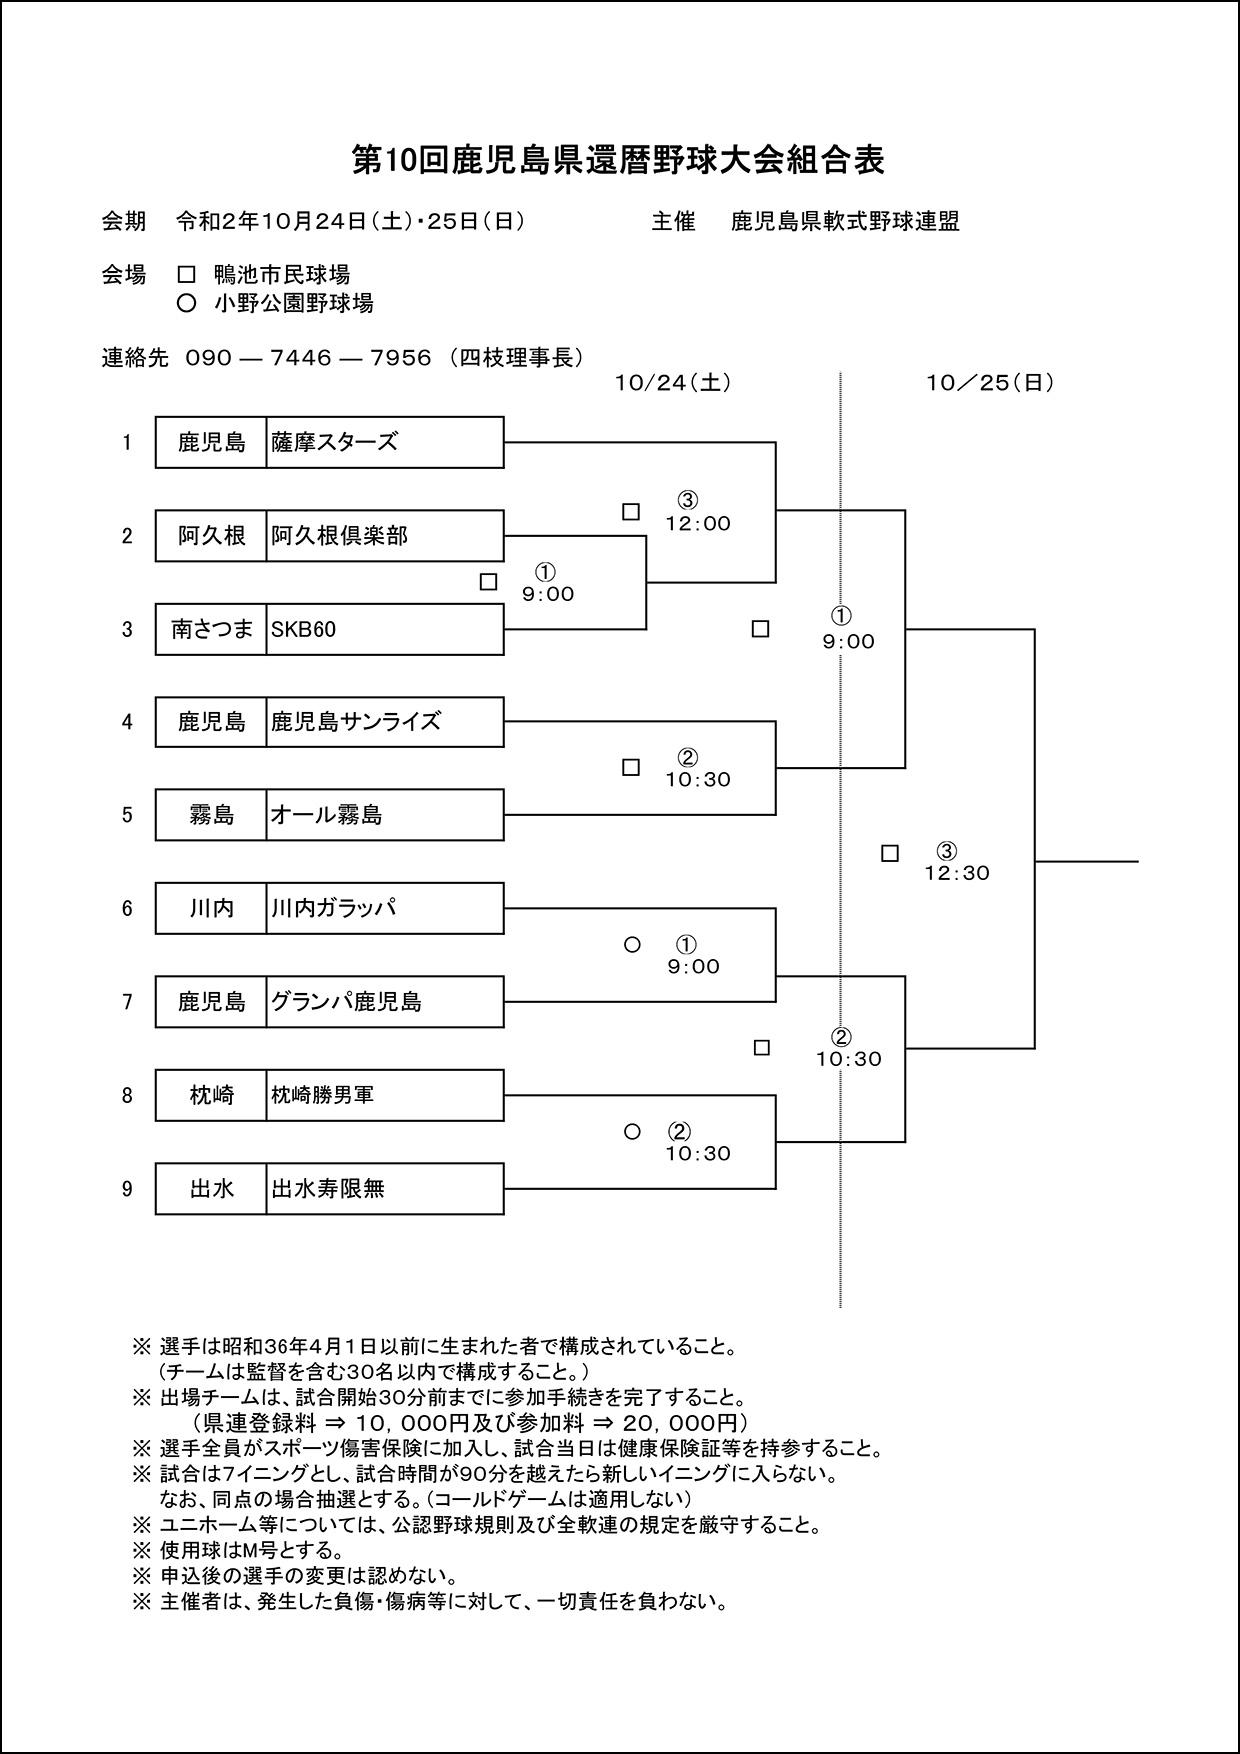 【組合せ】第10回鹿児島県還暦野球大会